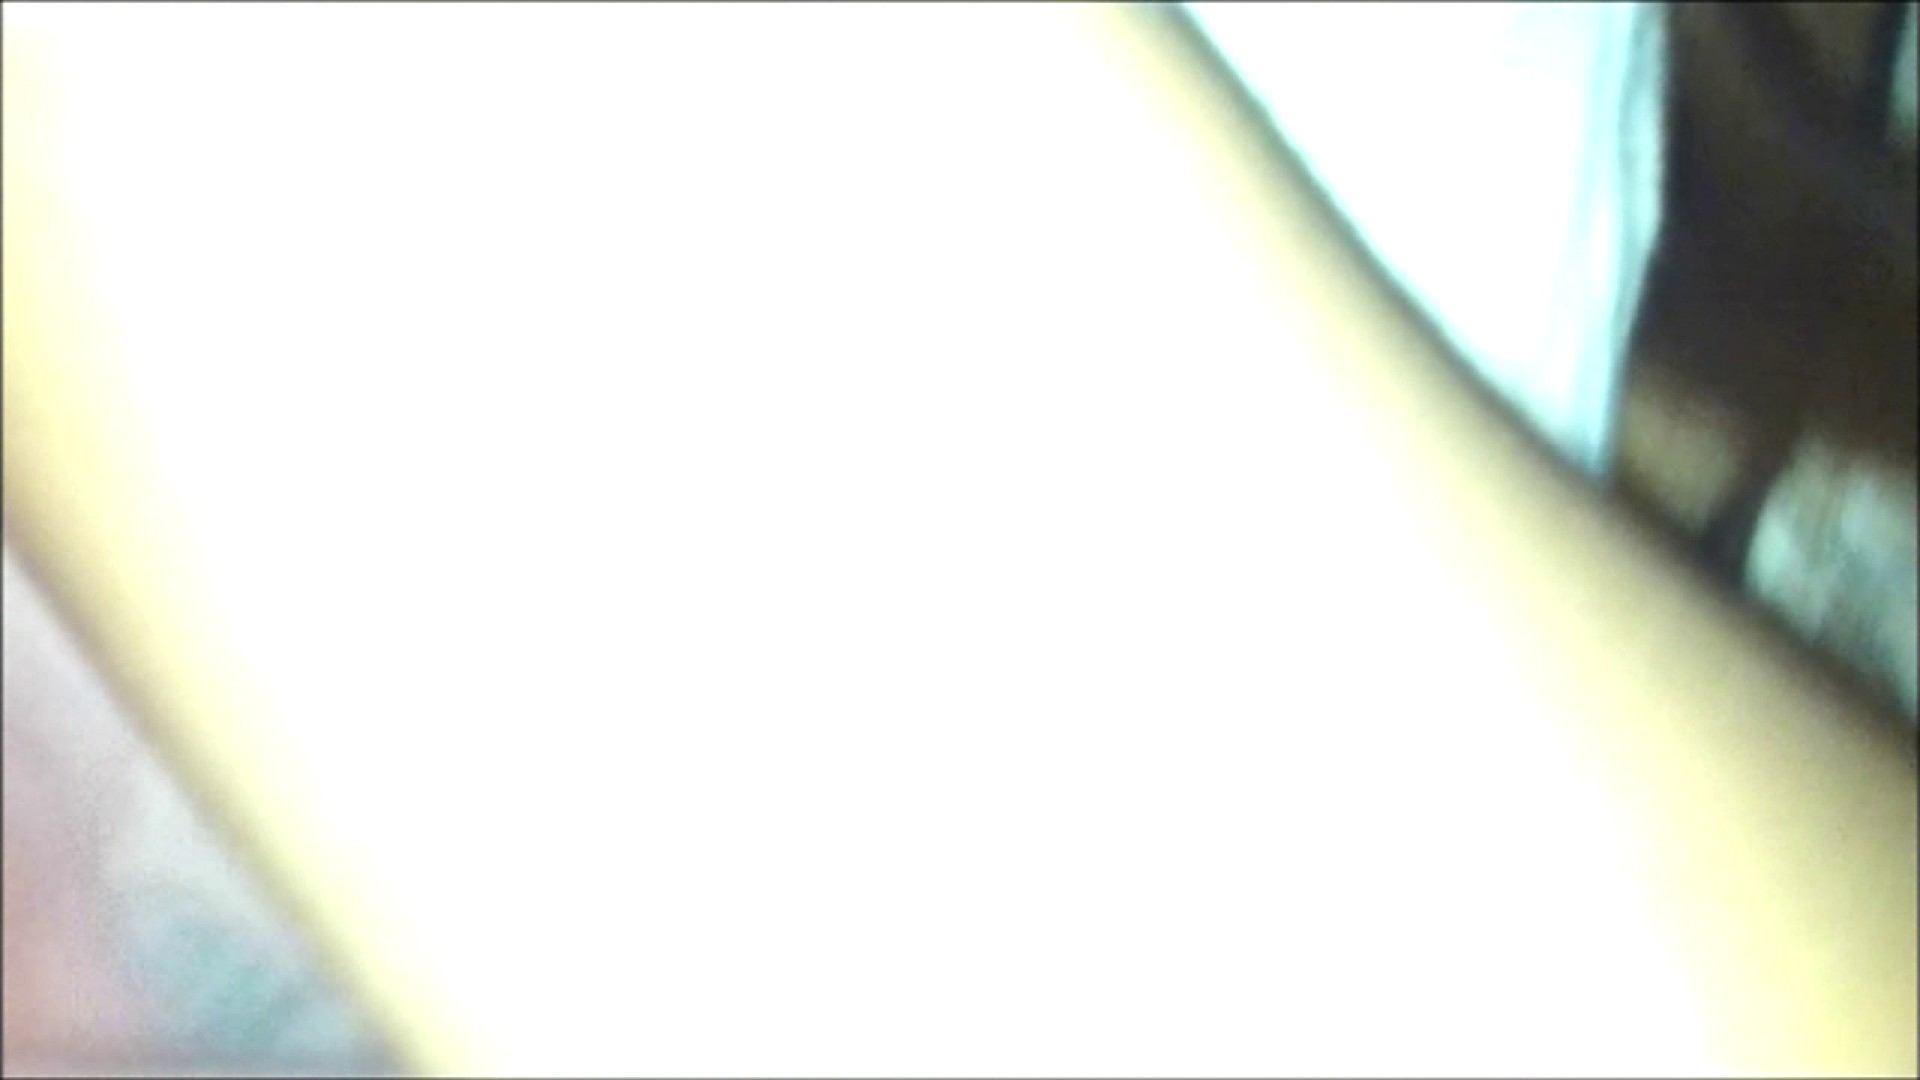 魔術師の お・も・て・な・し vol.18 23歳とネットカフェで合体 エロティックなOL われめAV動画紹介 89画像 5